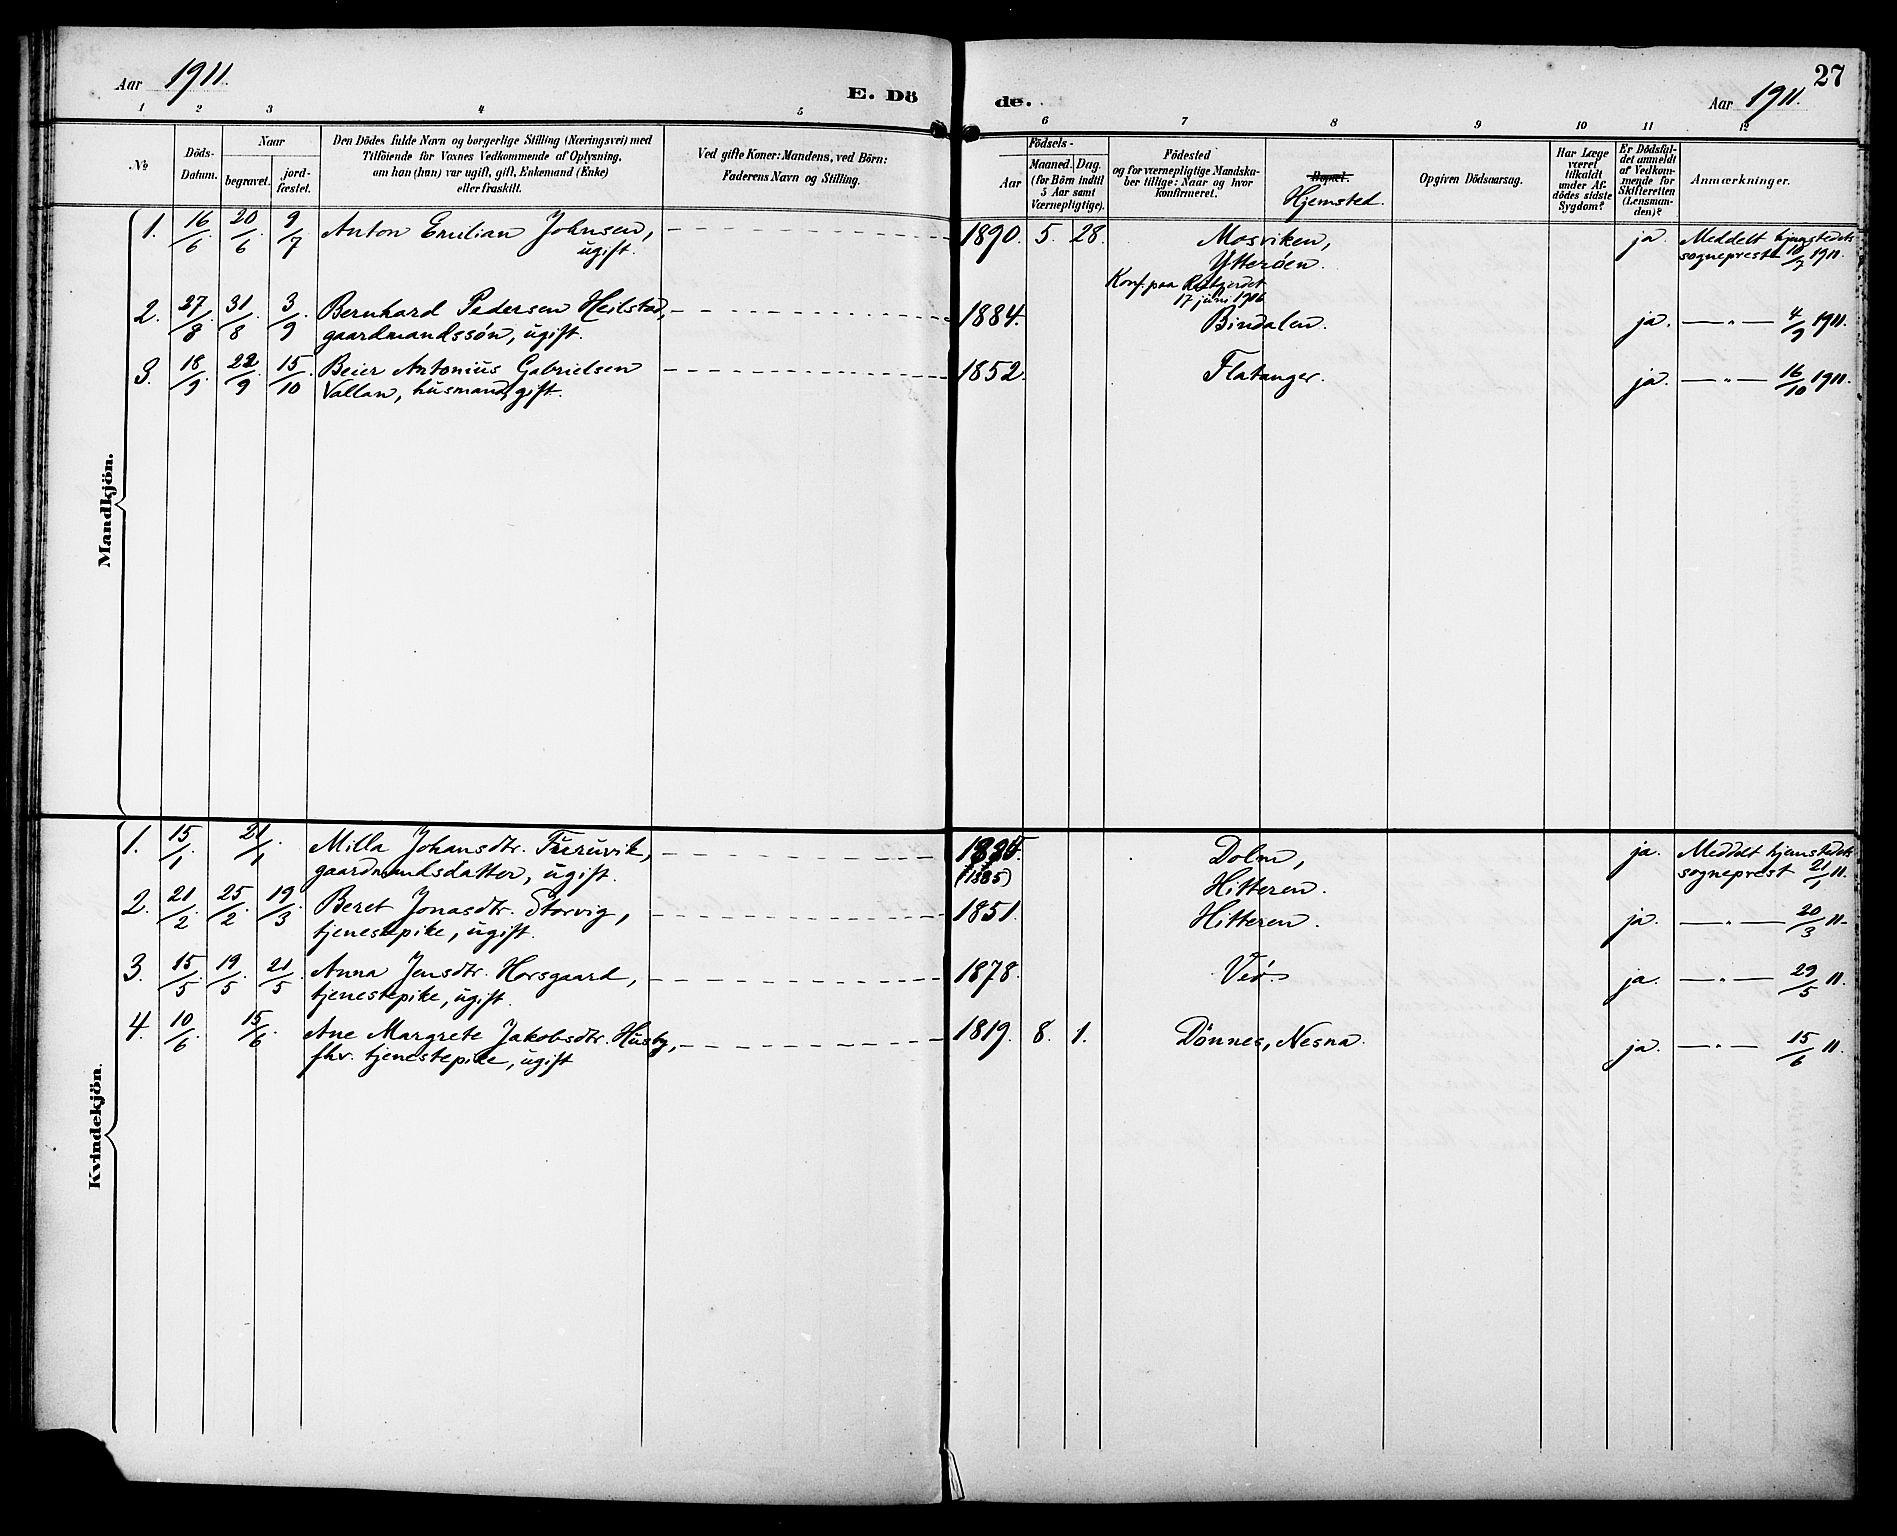 SAT, Ministerialprotokoller, klokkerbøker og fødselsregistre - Sør-Trøndelag, 629/L0486: Ministerialbok nr. 629A02, 1894-1919, s. 27